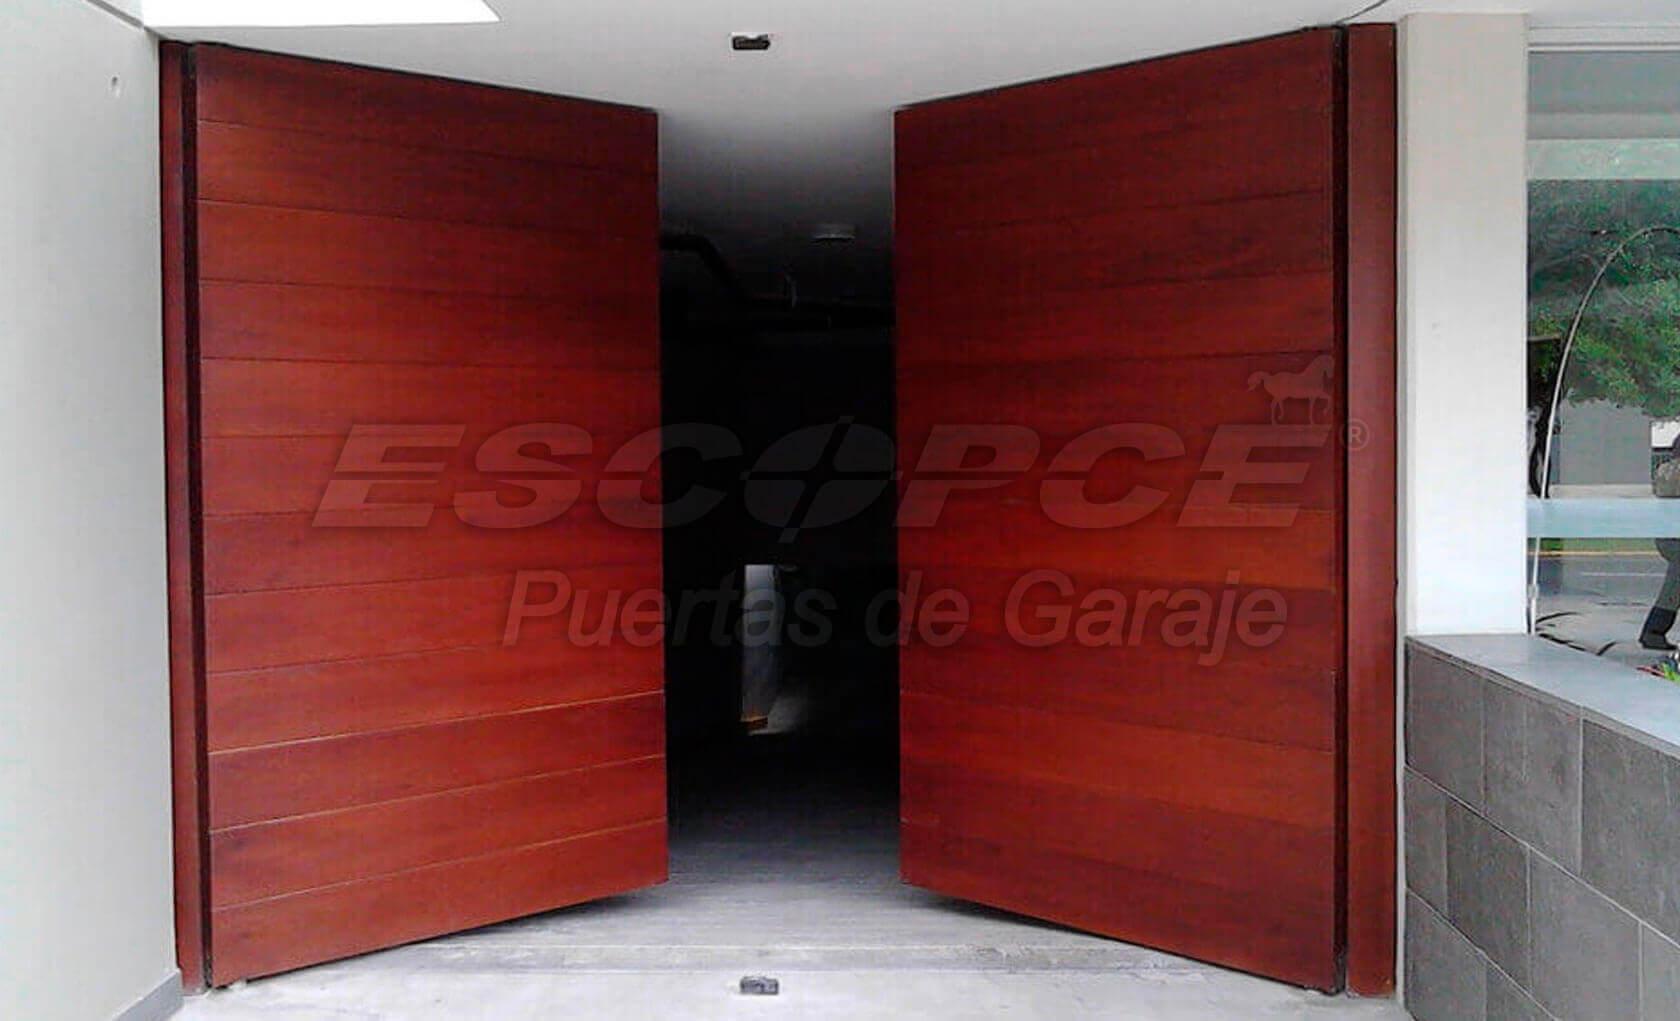 Puertas de cocheras automaticas beautiful puertas de garaje baratas y automticas with puertas - Puertas de garaje seccionales baratas ...